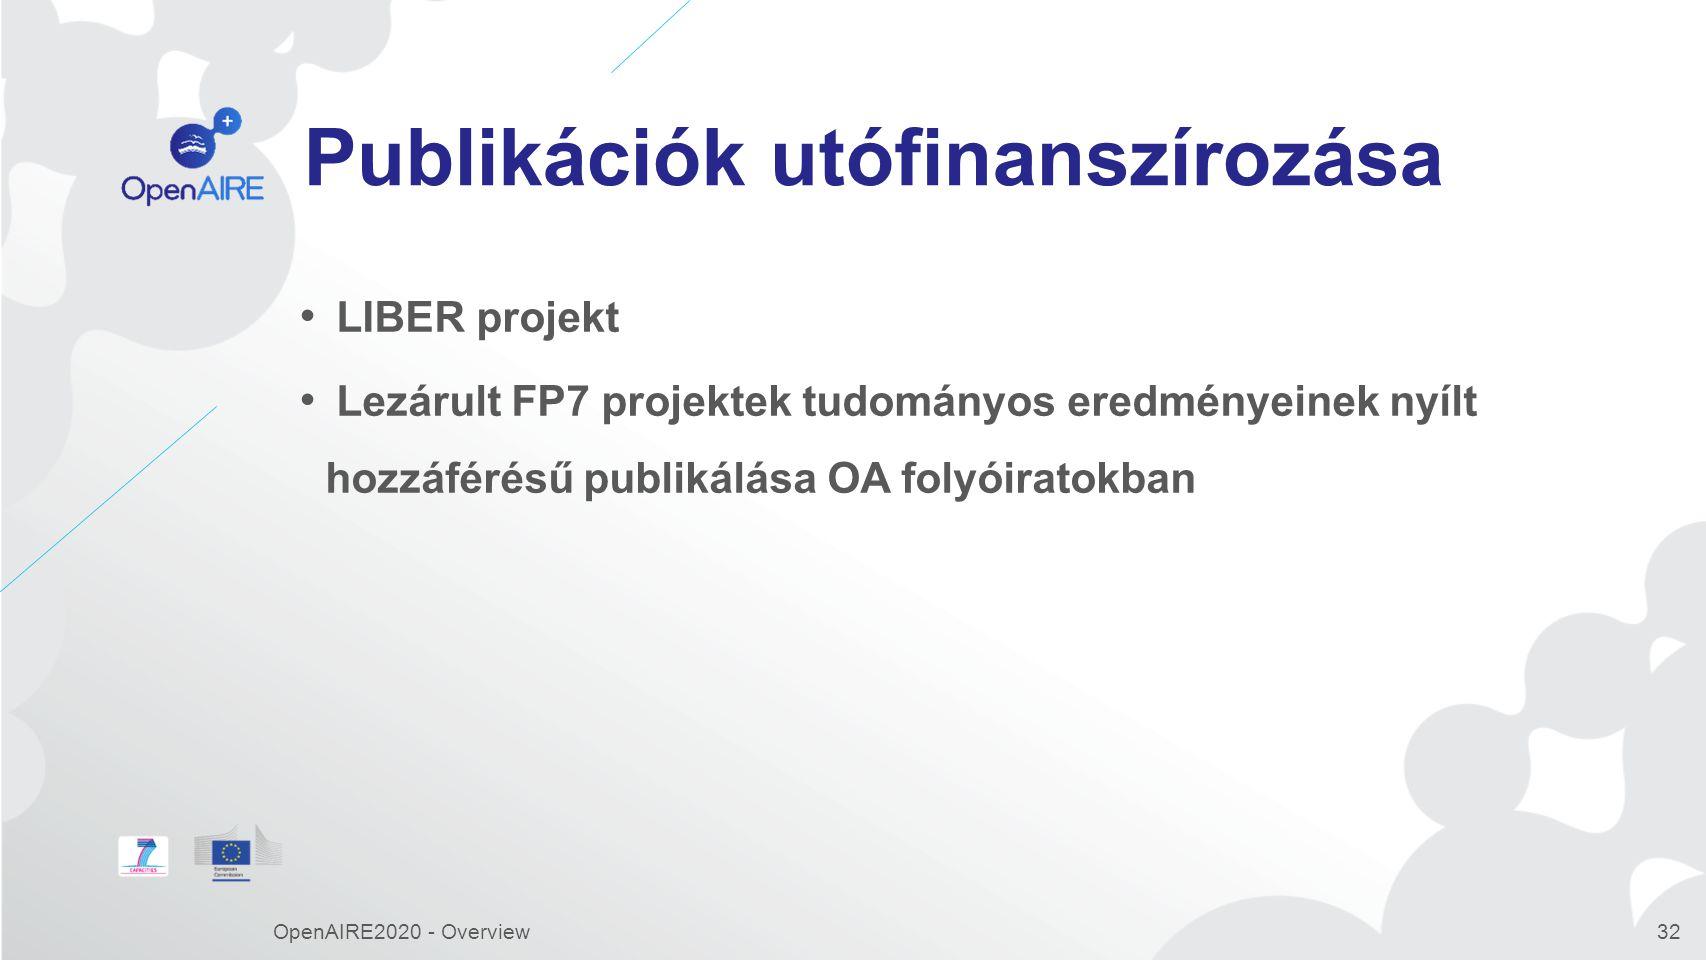 Publikációk utófinanszírozása LIBER projekt Lezárult FP7 projektek tudományos eredményeinek nyílt hozzáférésű publikálása OA folyóiratokban OpenAIRE2020 - Overview32